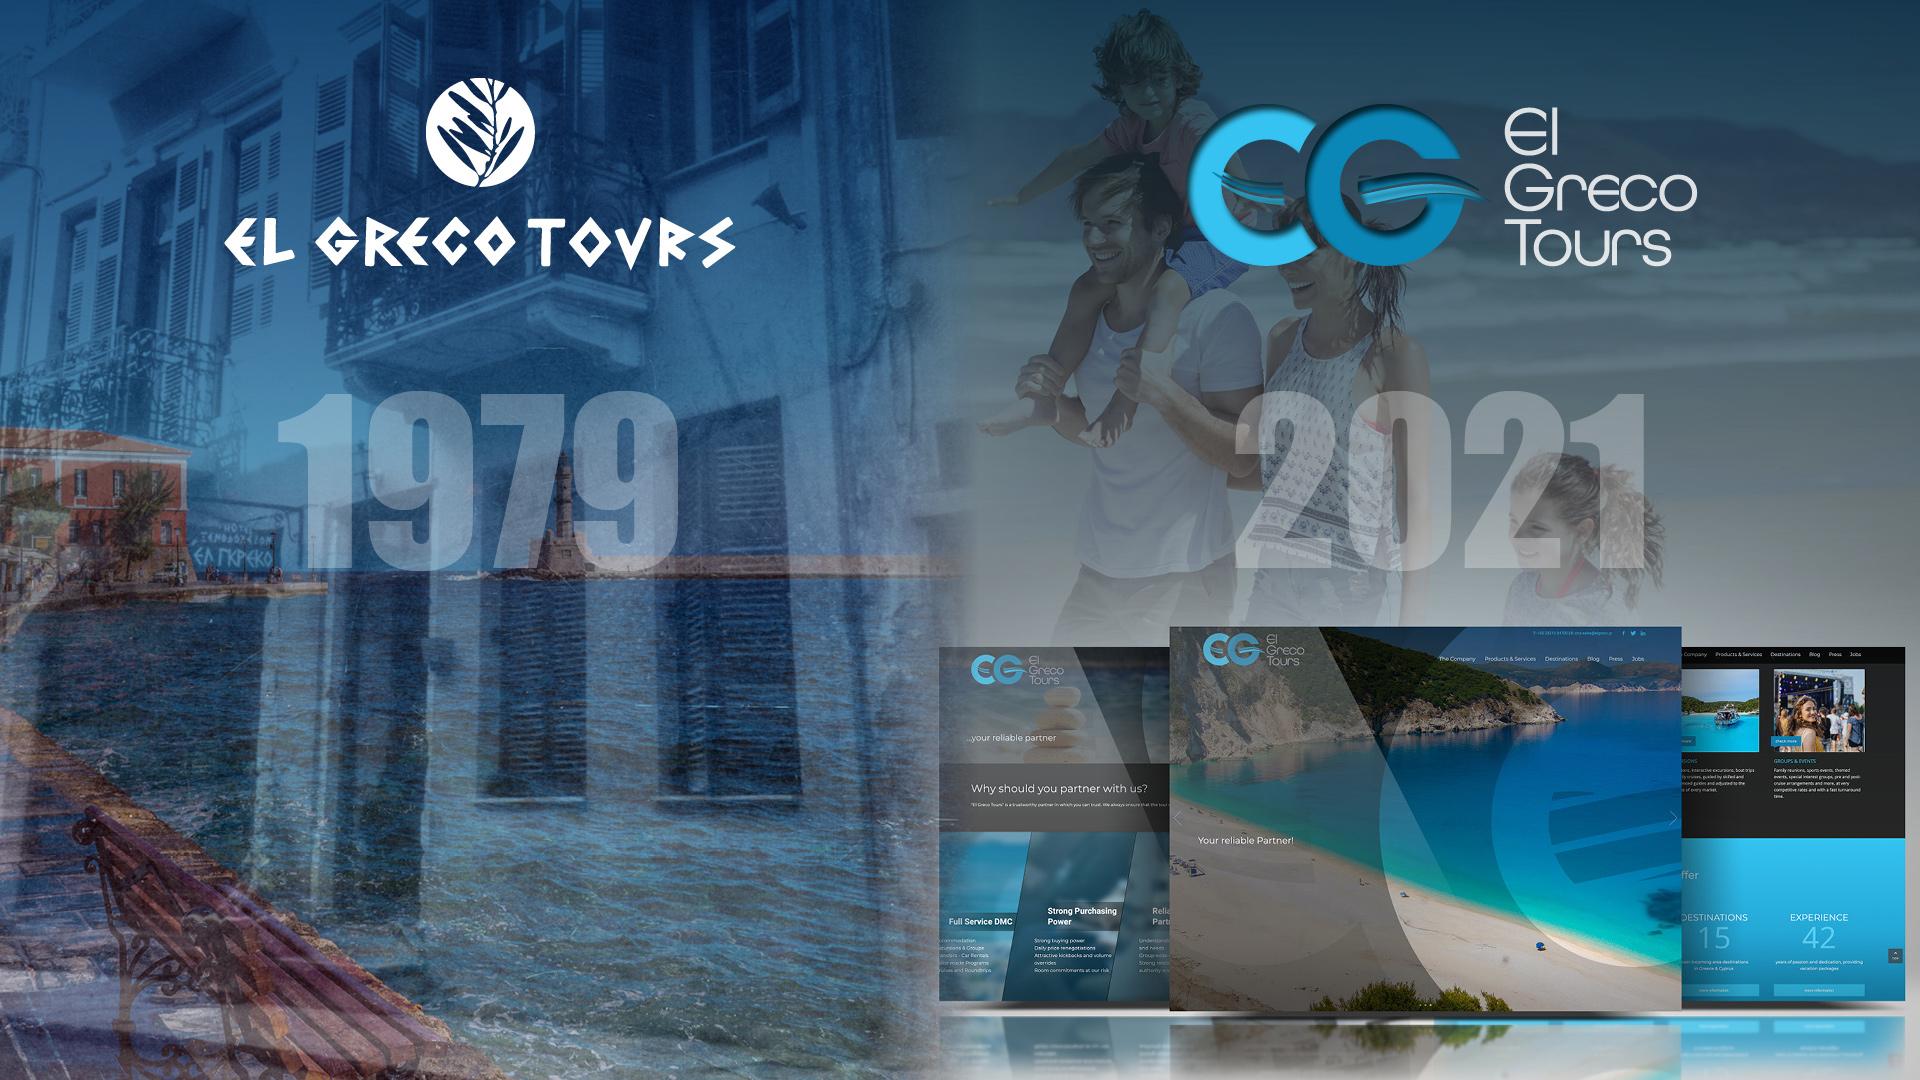 El Greco Tours 1979 - 2021